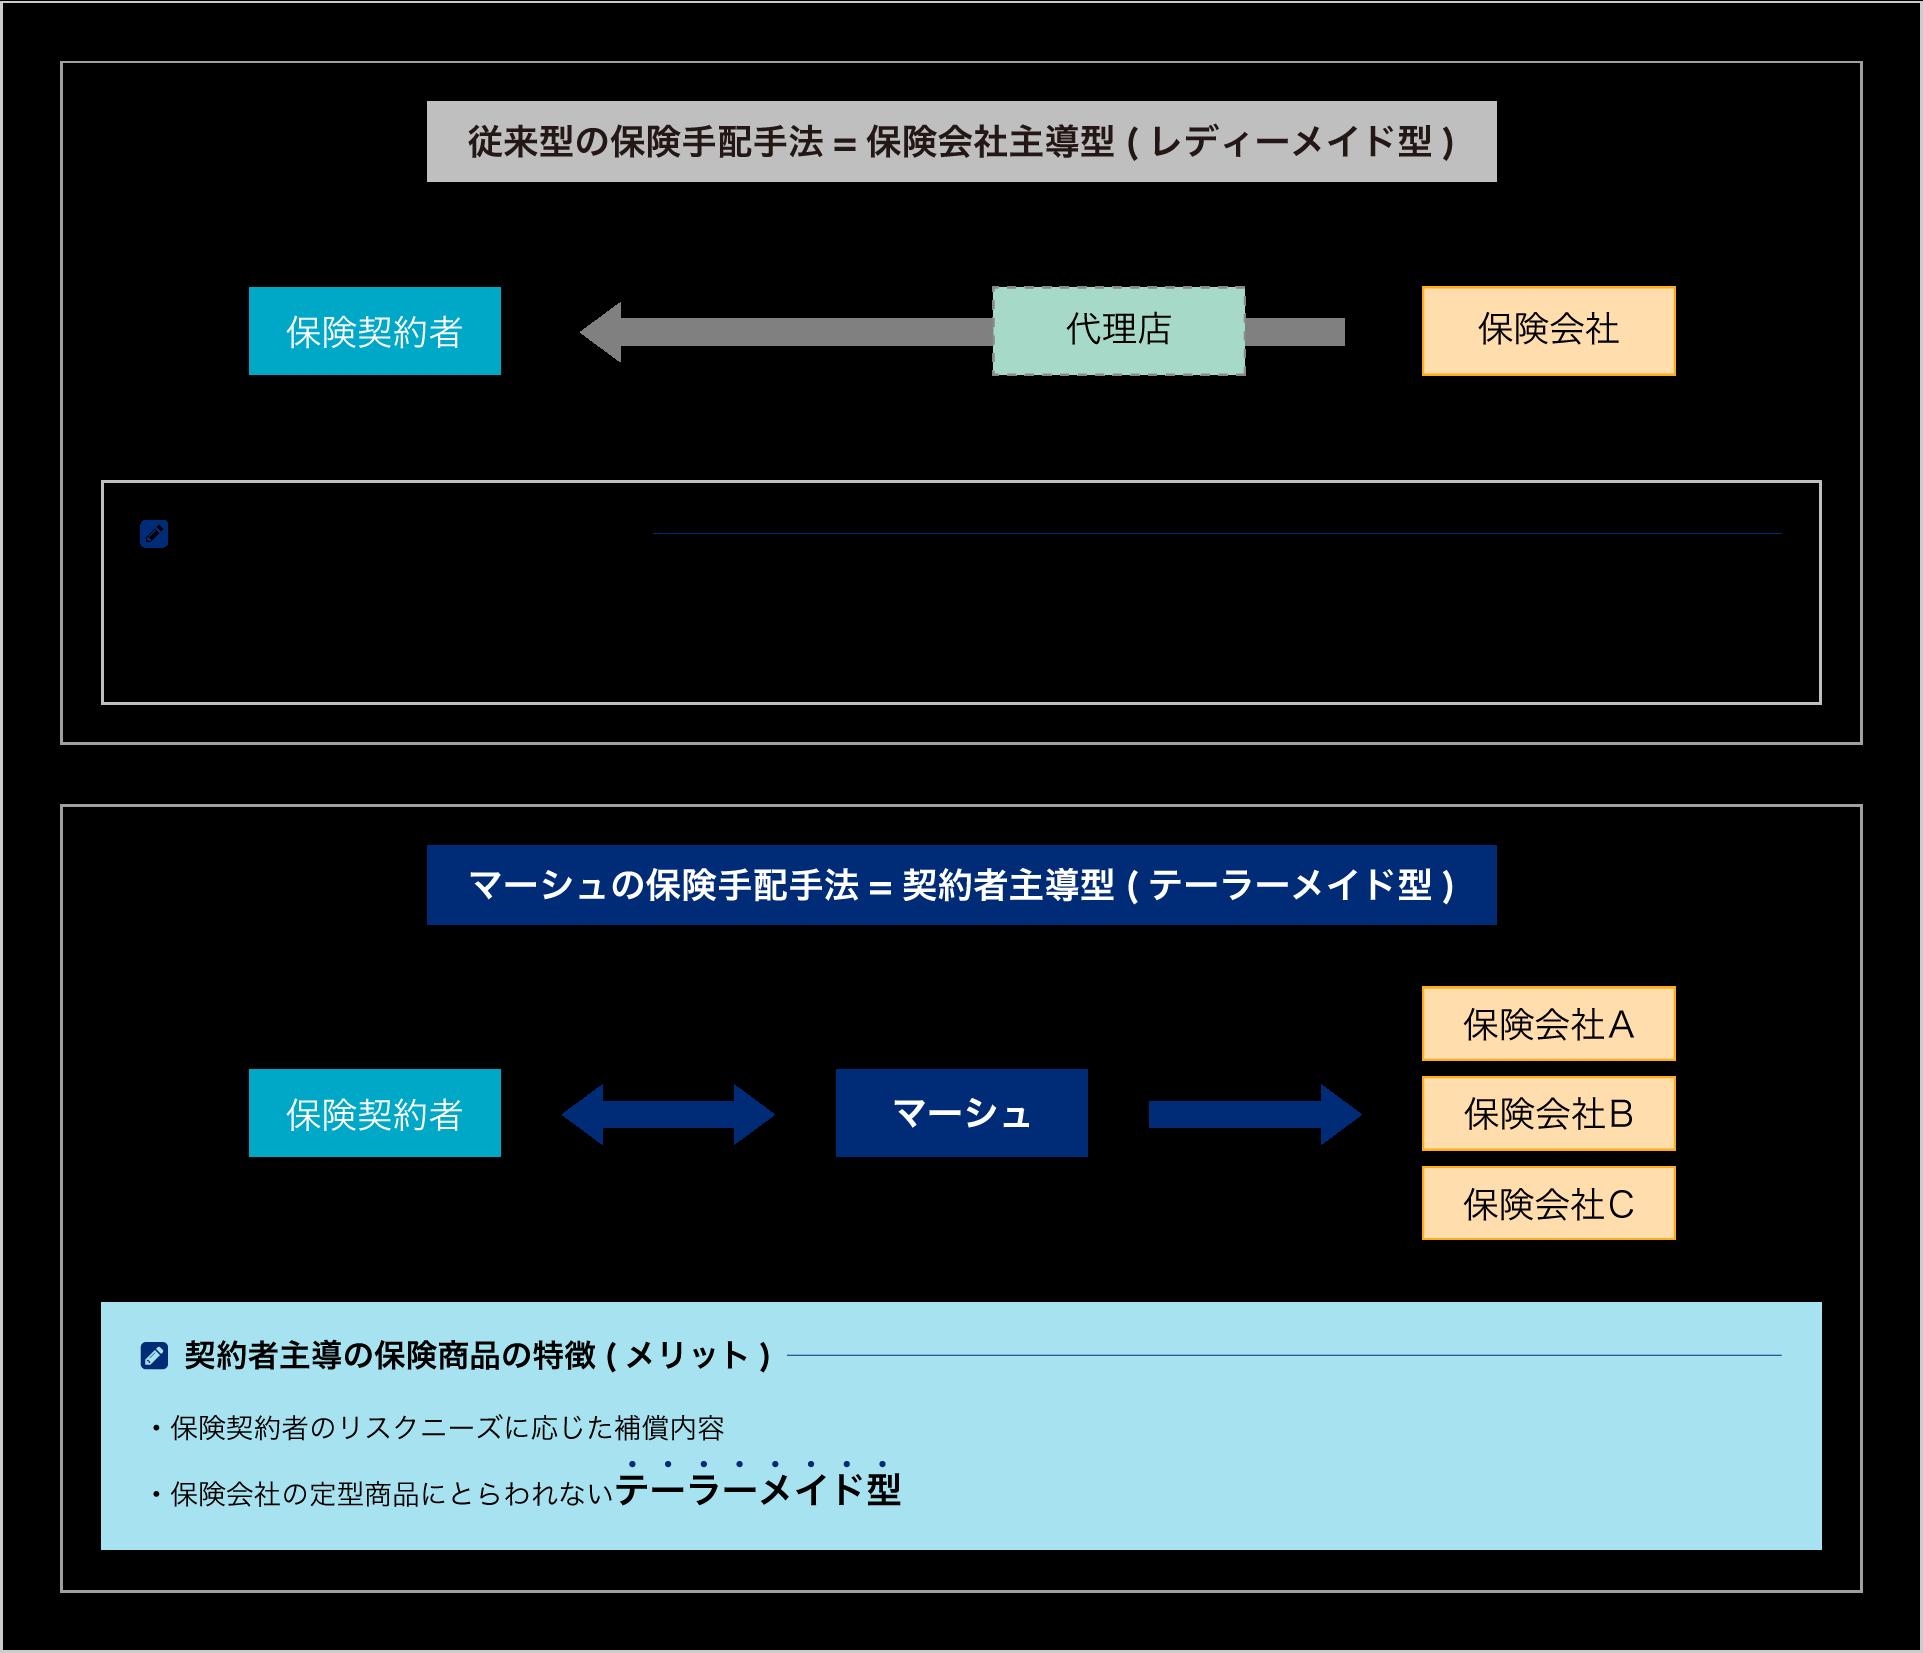 契約者主導のオーダーメード型保険の図